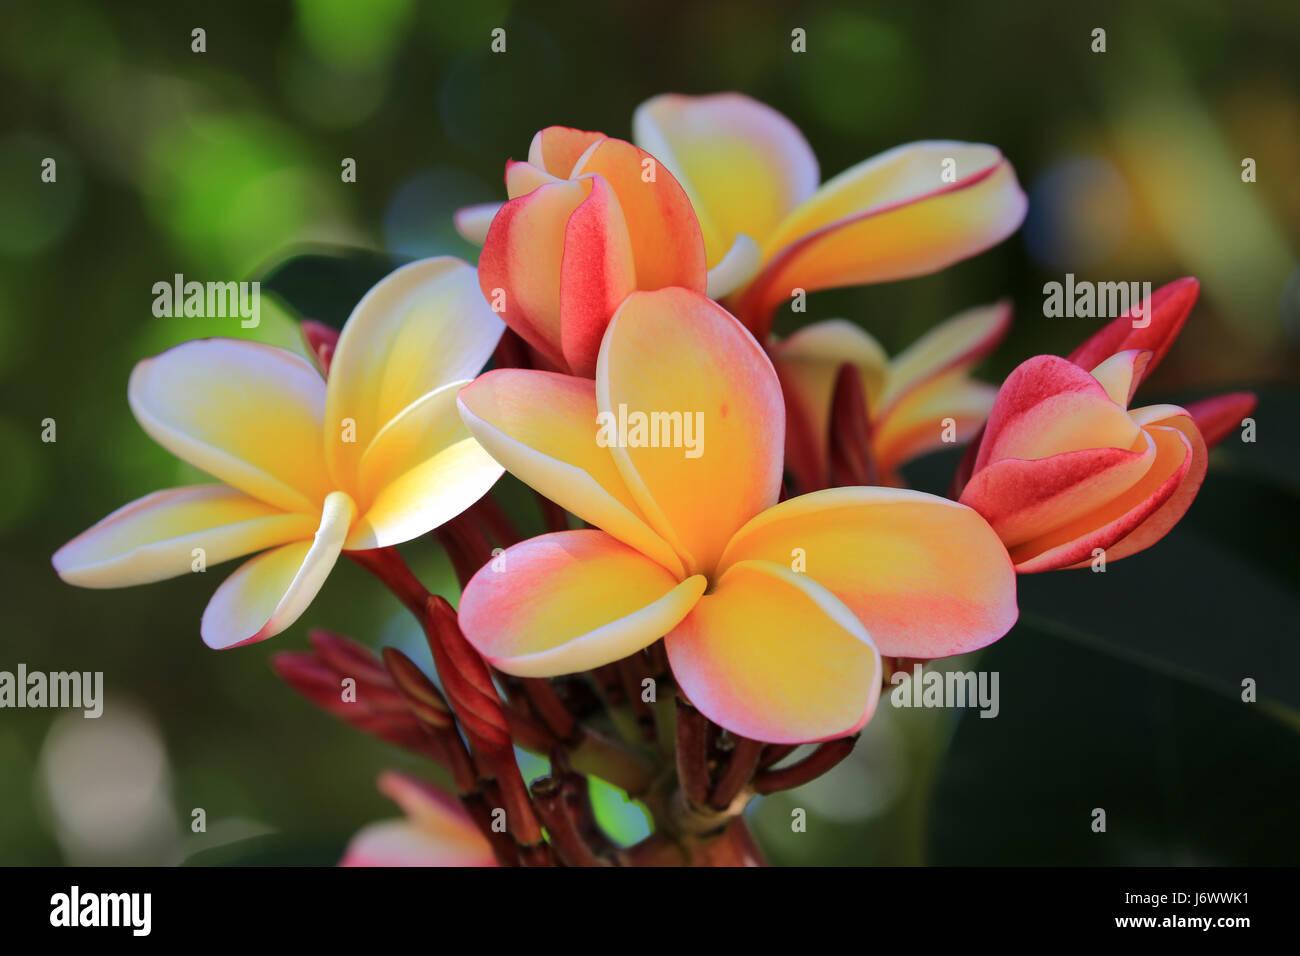 Lei rainbow plumeria flowers hawaii stock photo 141939813 alamy lei rainbow plumeria flowers hawaii izmirmasajfo